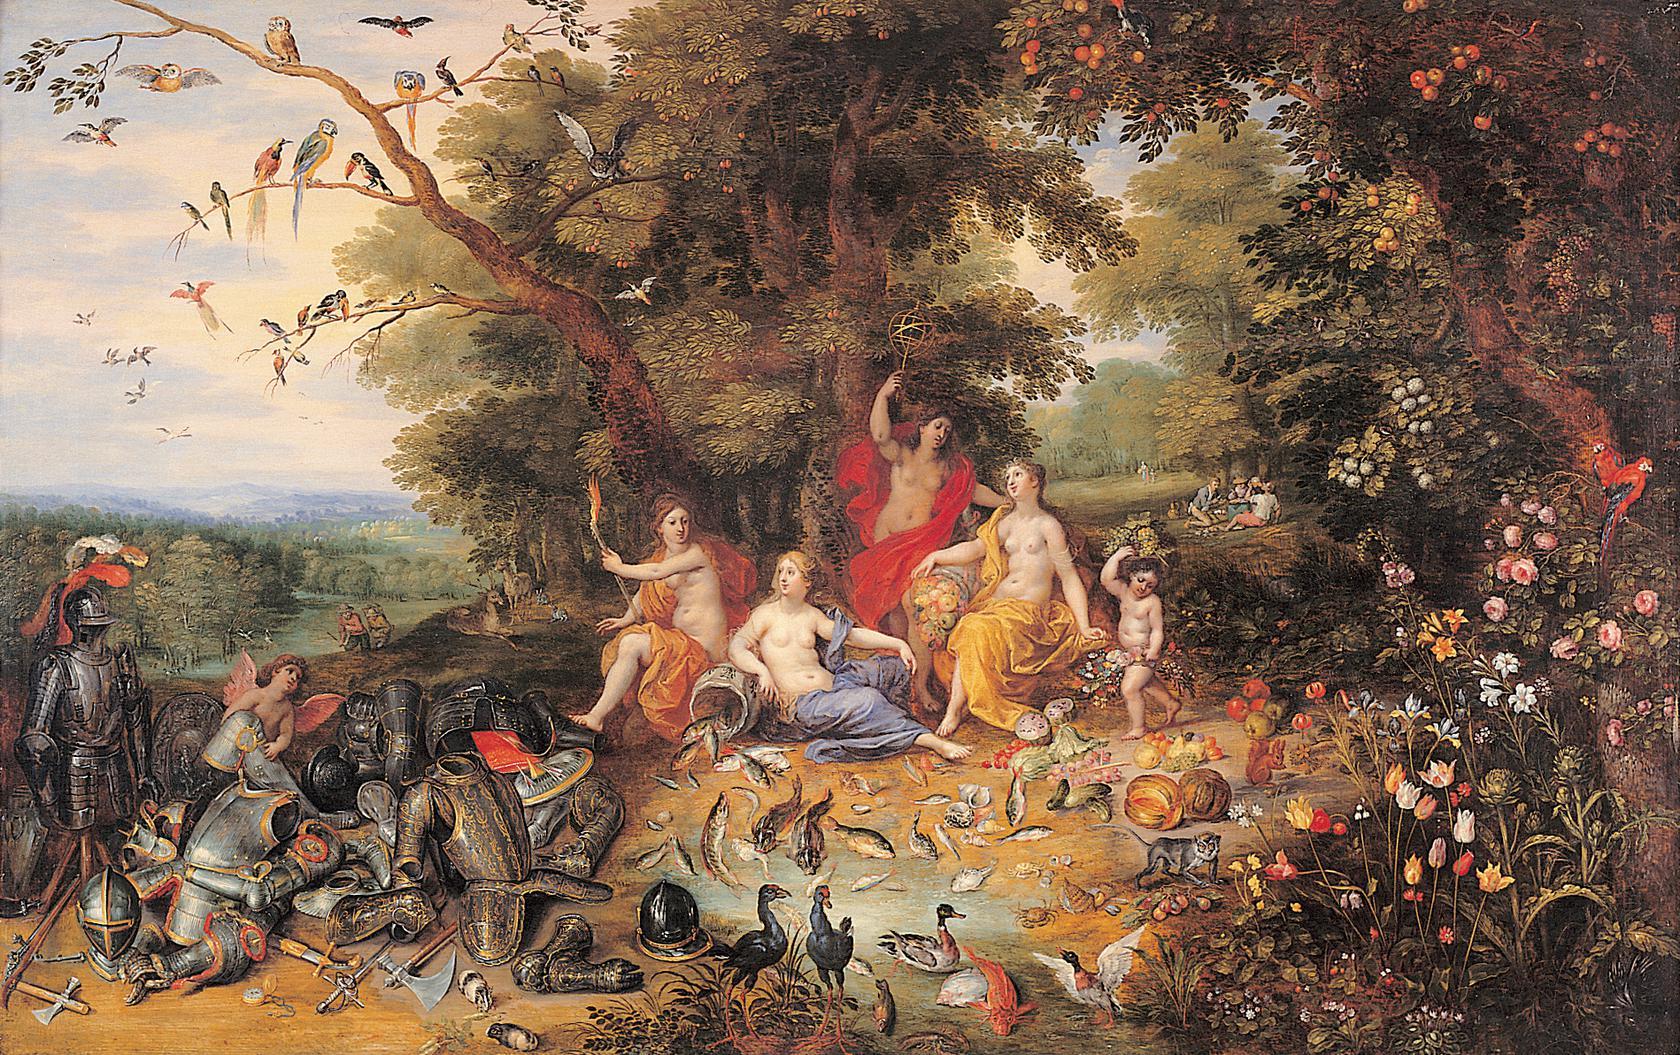 יאן ברויחל הבן והנדריק ואן־באלן, אלגוריה של ארבעת היסודות, 1630 לערך